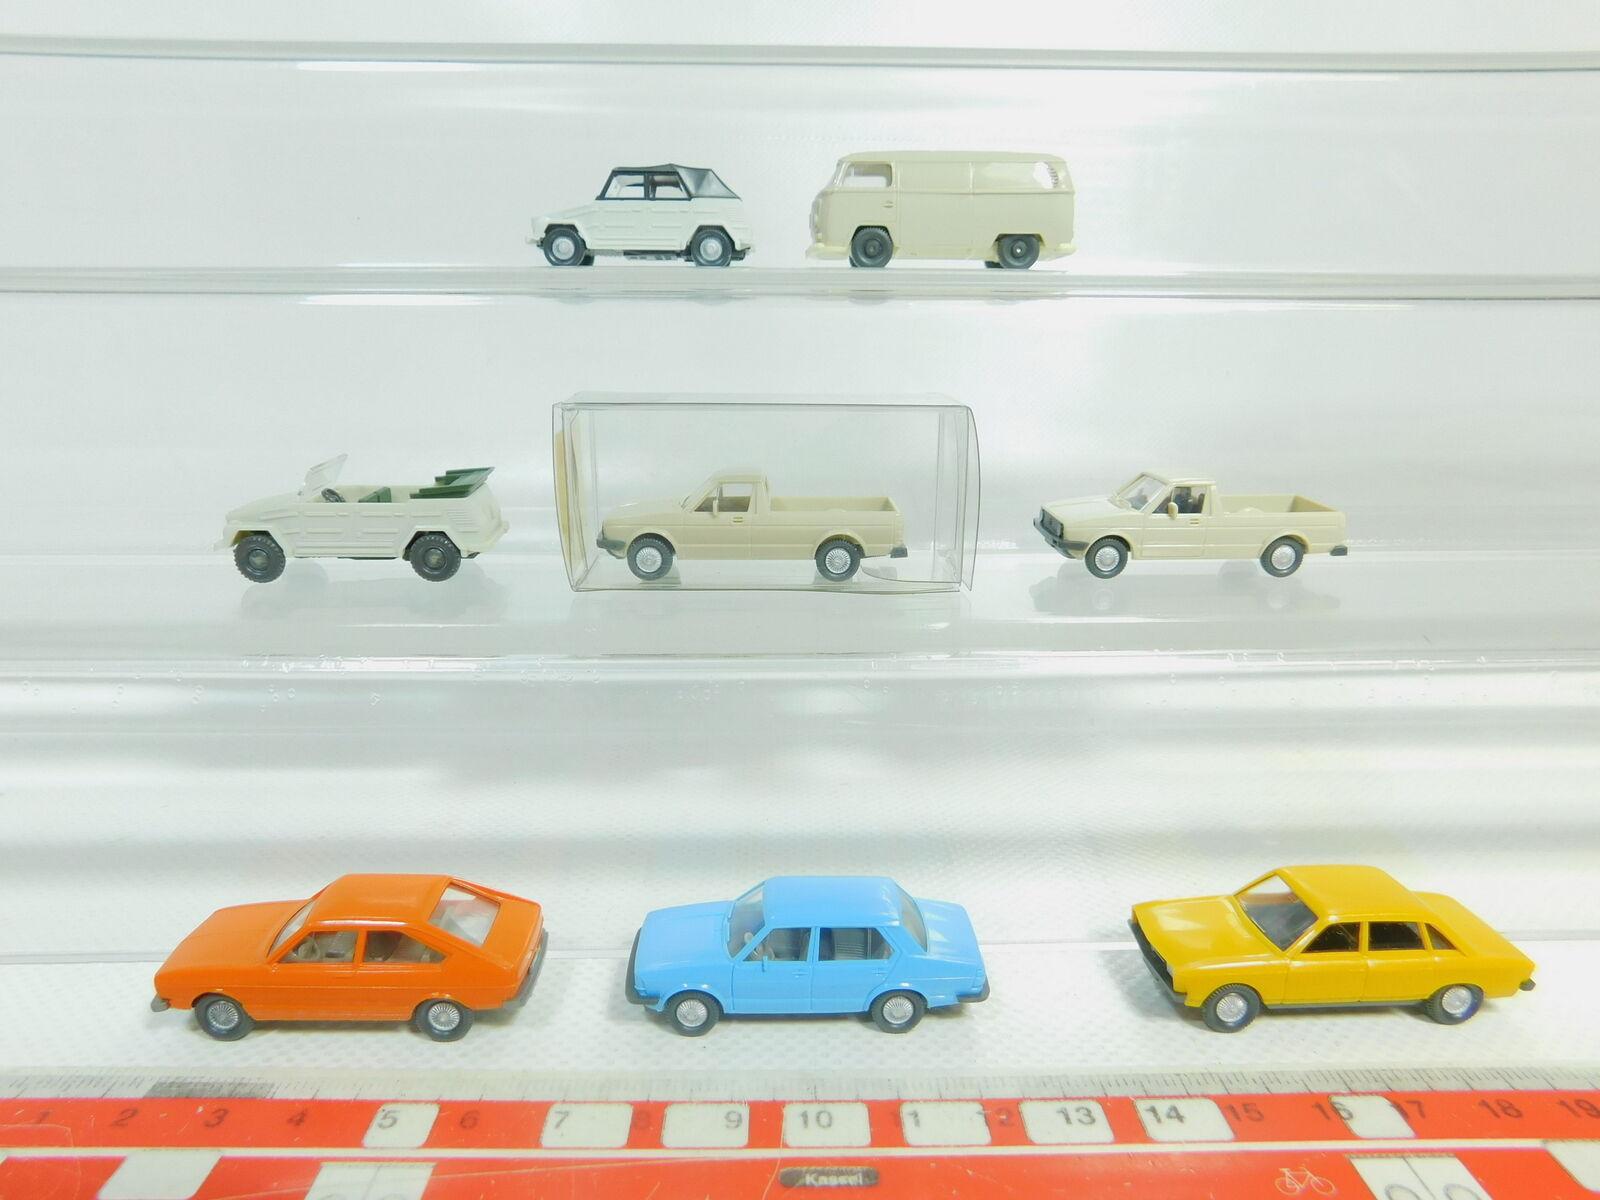 BO580-0,5   8 x Wiking H0 1 87 Autovettura Ecc. VW   T2 + 047 Caddy + Passat